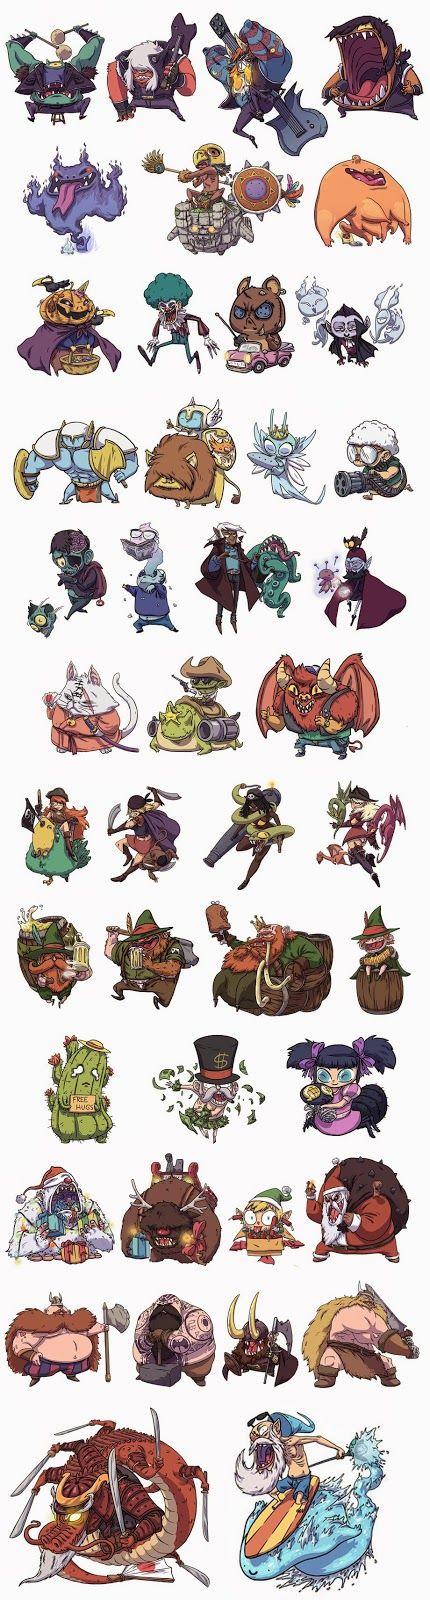 Diseño de personajes para juego de cartas | Jonatan Cantero                                                                                                                                                                                 Más